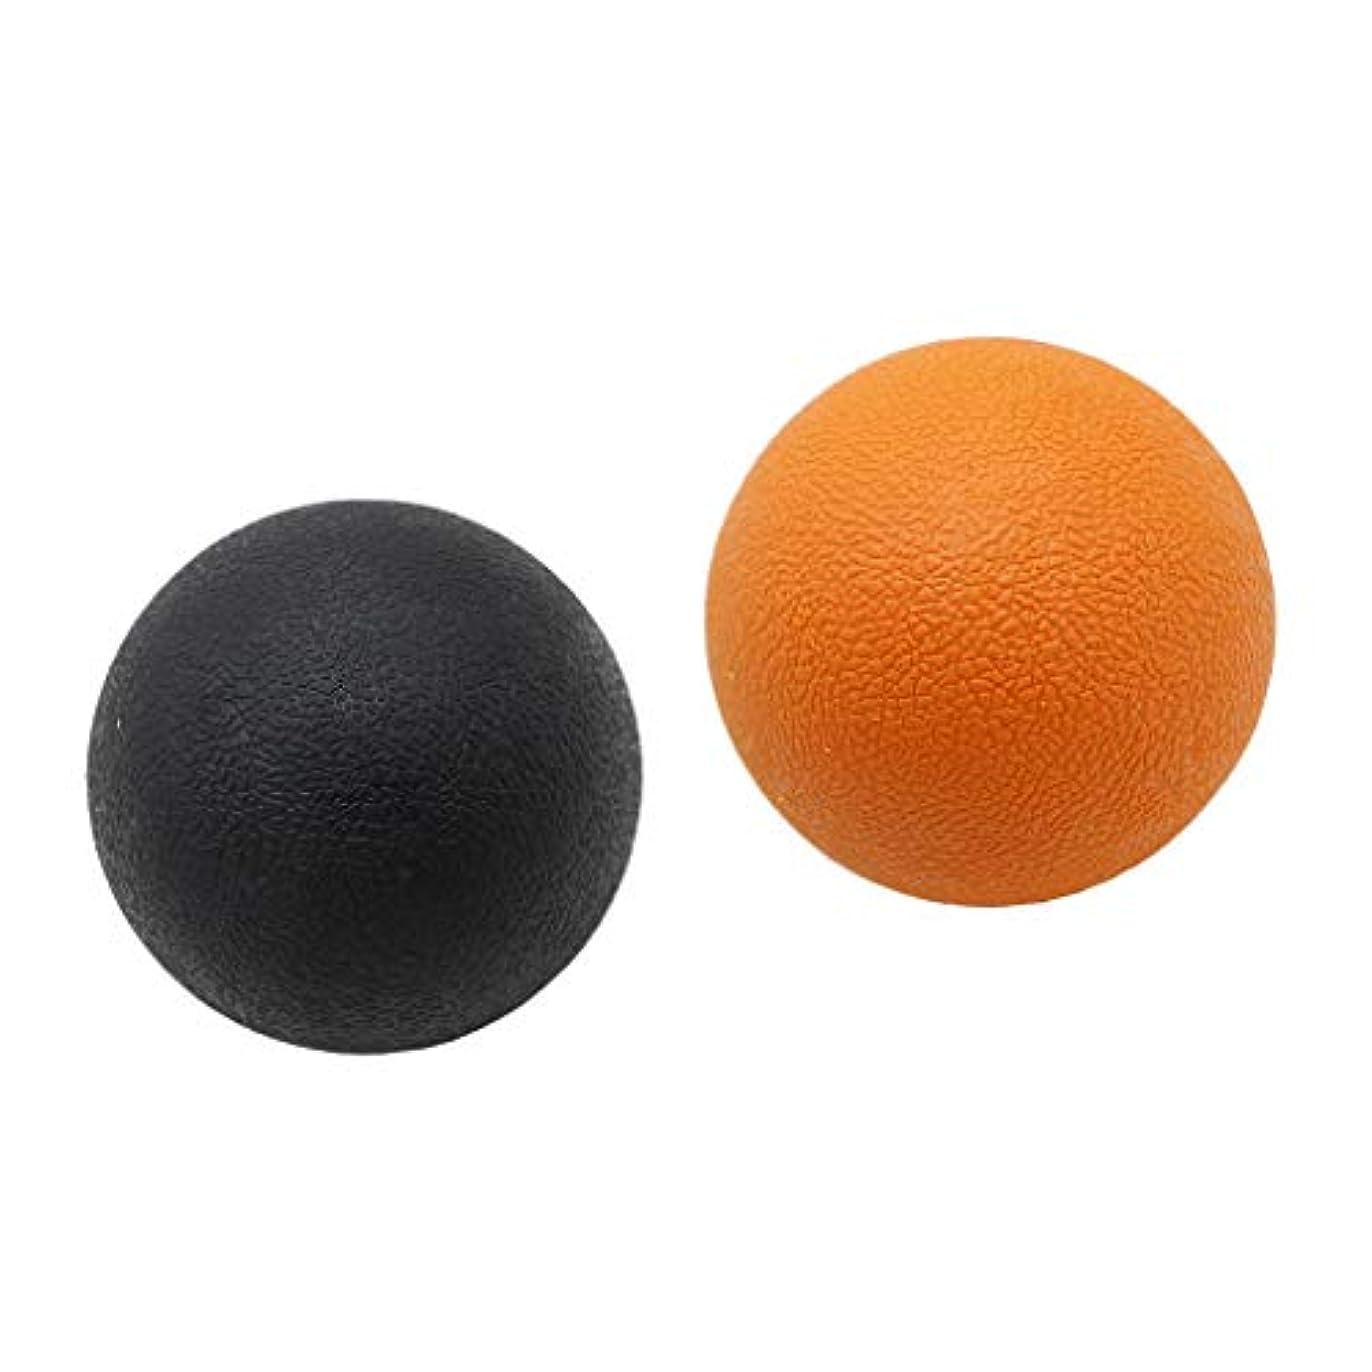 番目泣く悩みマッサージボール トリガーポイント ストレッチボール トレーニング 背中 肩 腰 マッサージ 多色選べる - オレンジブラック